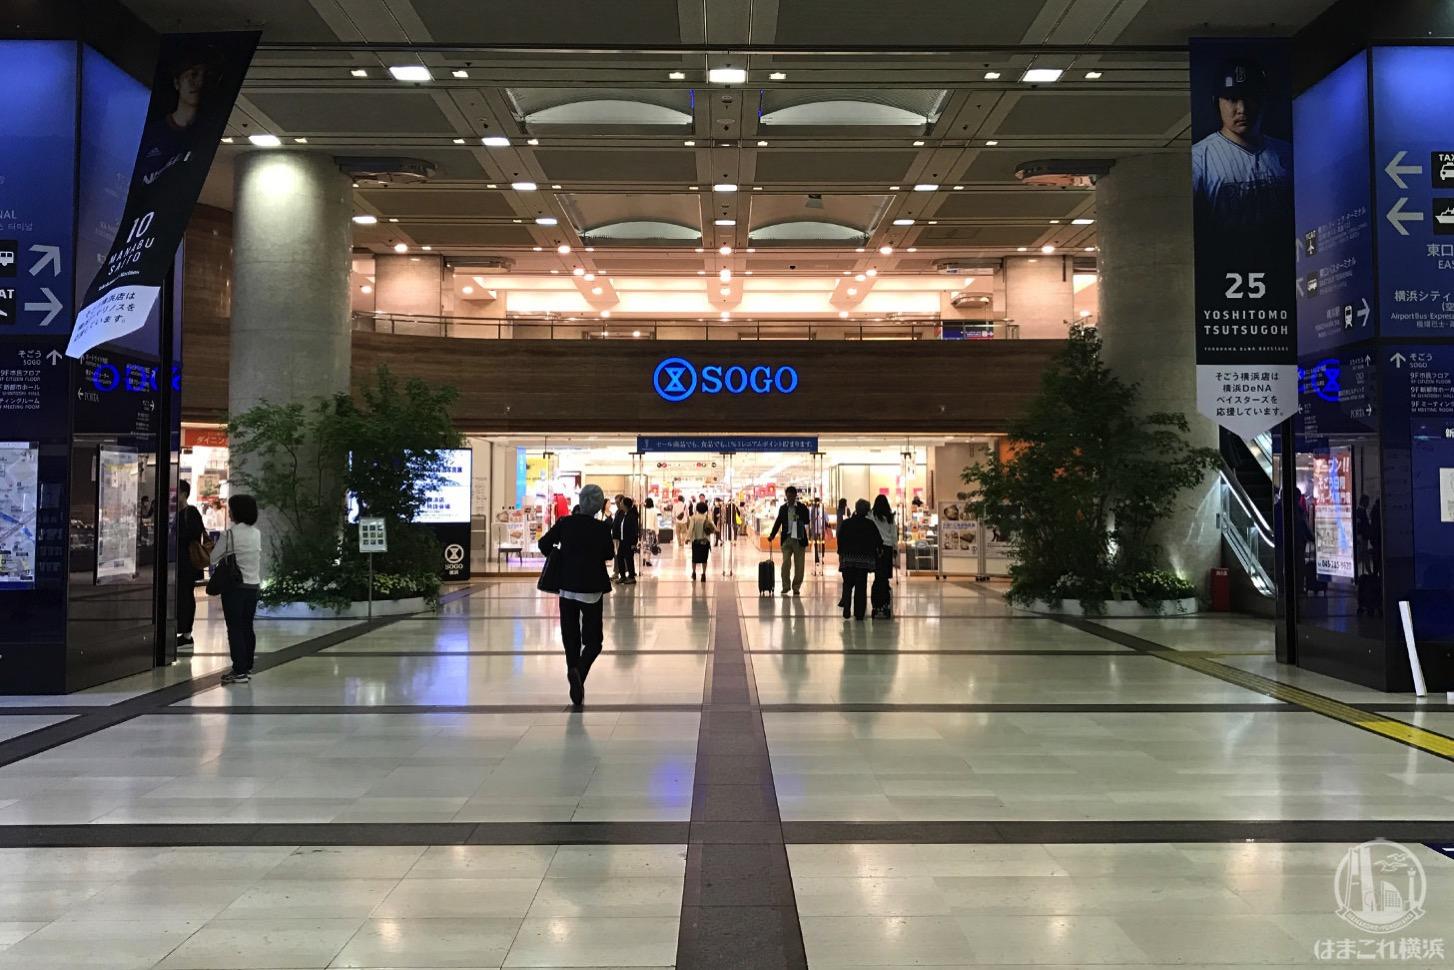 そごう横浜店、生活必需品を扱う売場を中心に営業再開 5月23日より